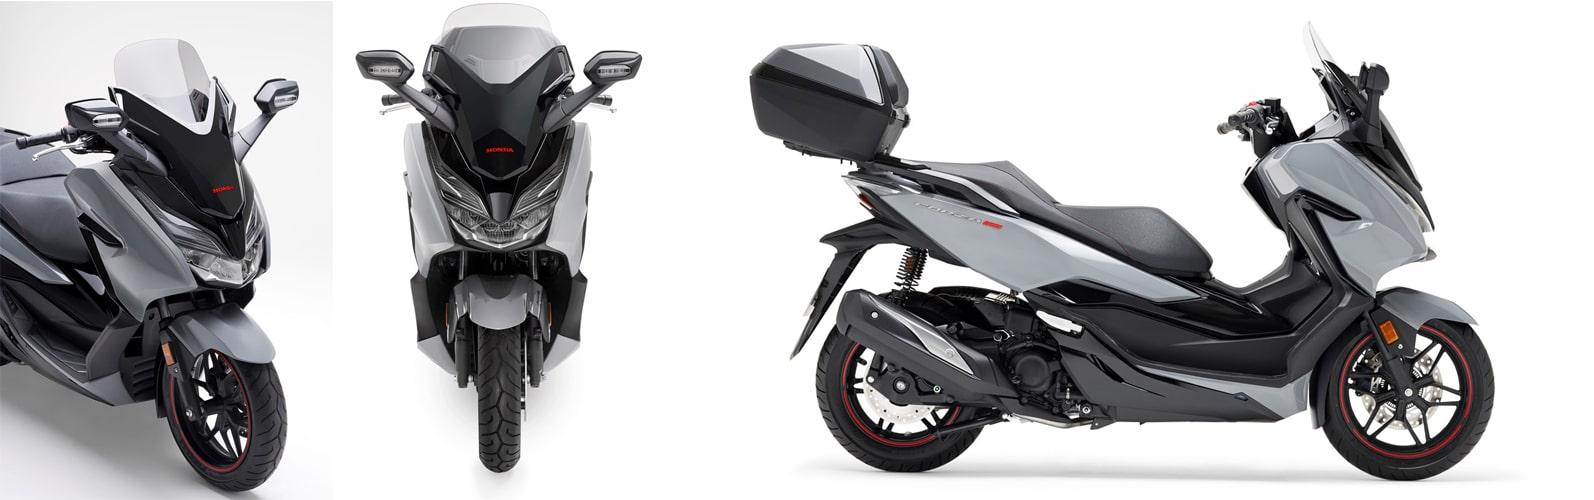 ฮอนด้า Forza 300 Limited Edition 2020